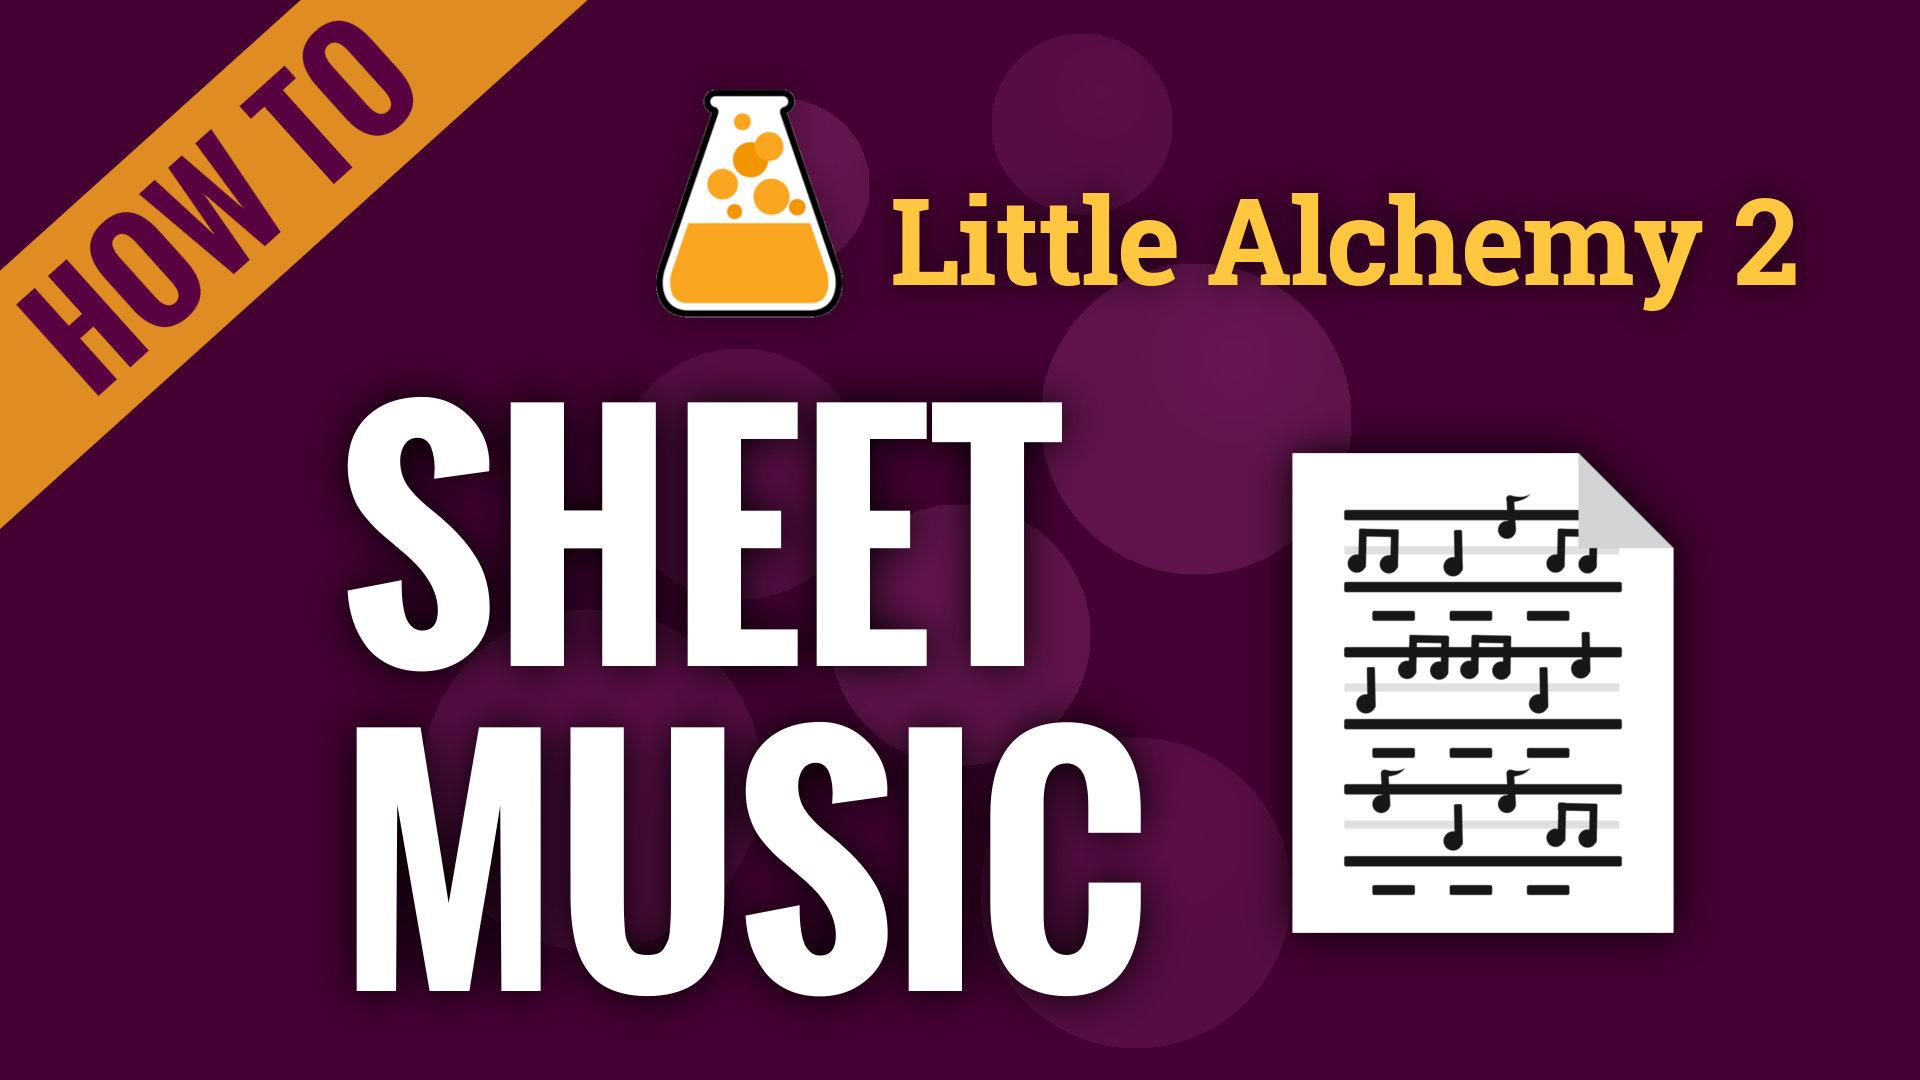 sheet music  little alchemy 2 cheats